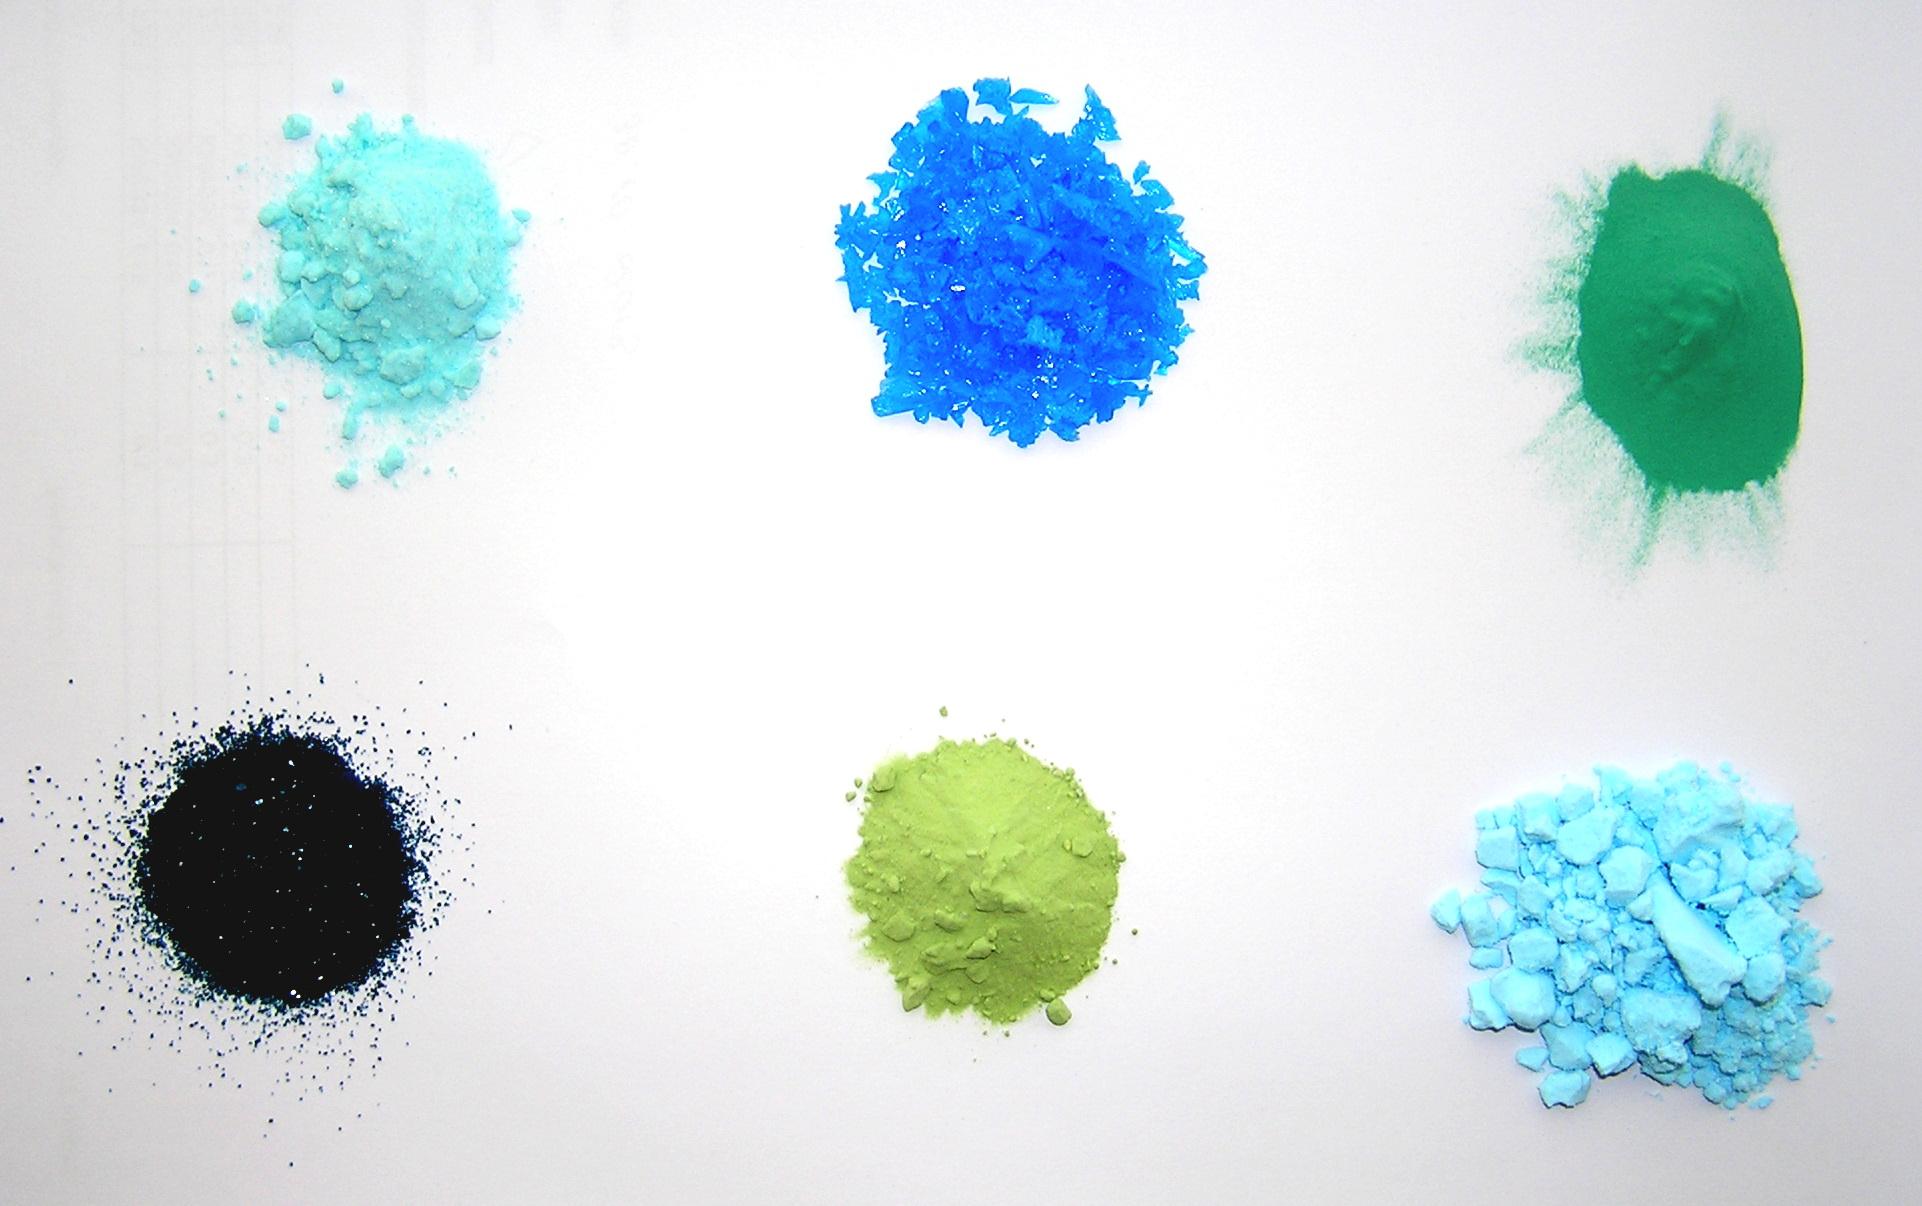 Разные цвета солей меди. Верхний ряд: тетрахлоркупрат аммония, сульфат меди пятиводный, медь углекислая основная; нижний ряд: медь уксуснокислая одноводная, оксихлорид меди, фосфат меди (II). Почти все эти соединения используются в качестве пигментов